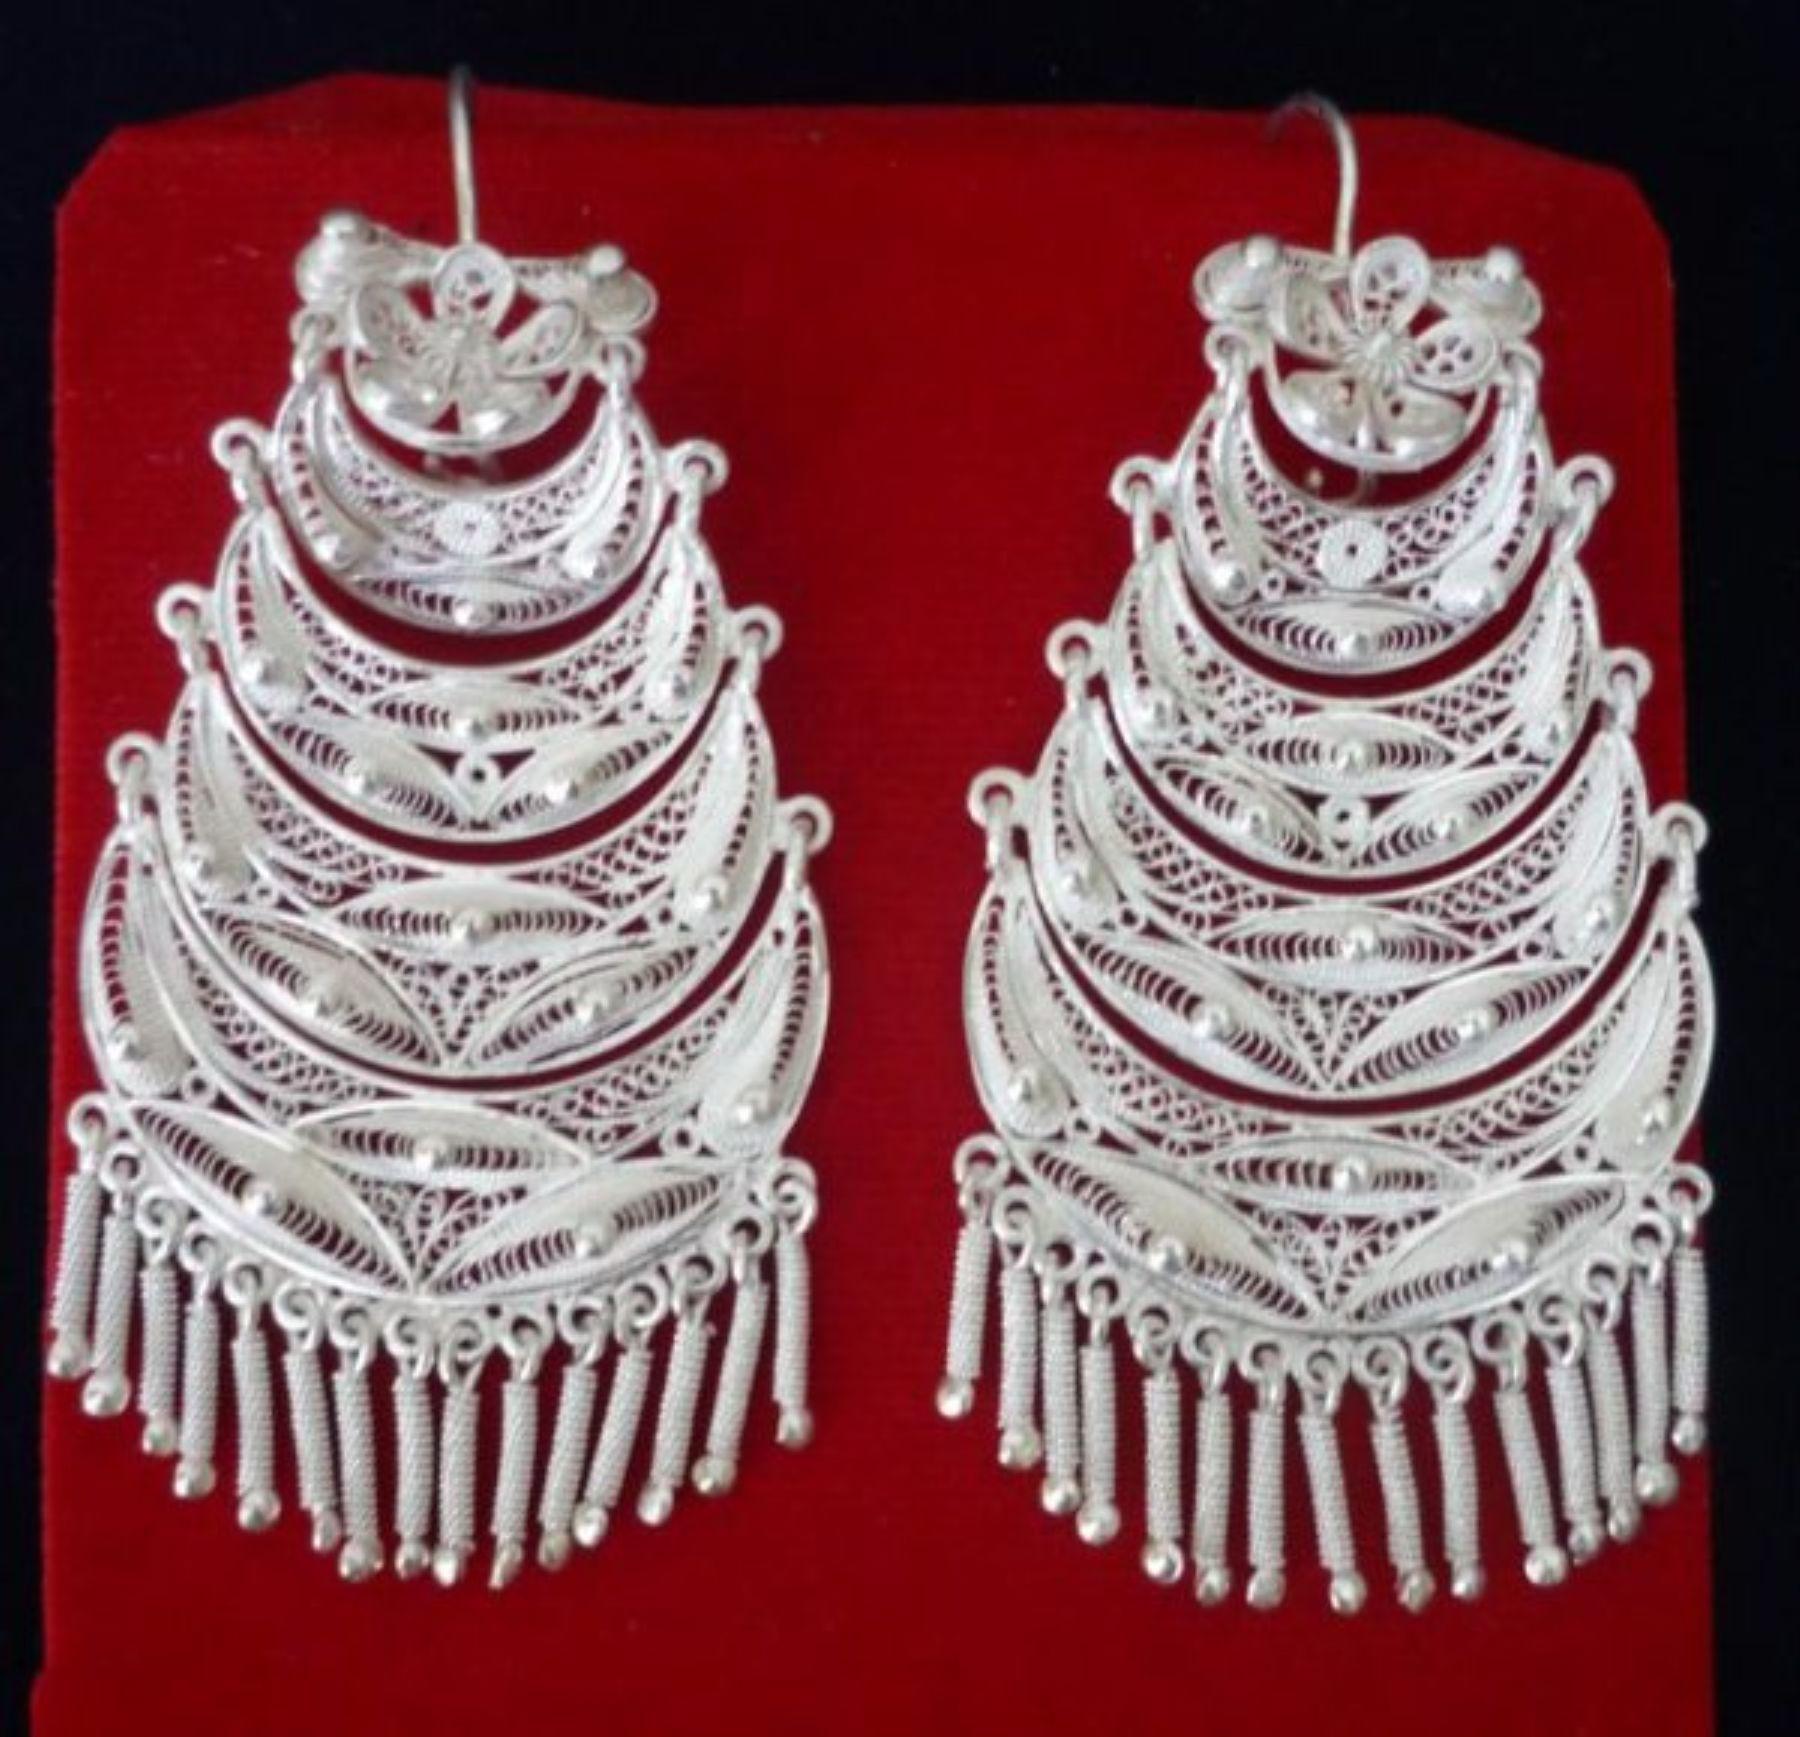 Aretes de filigrana de plata de Catacaos, llamadas